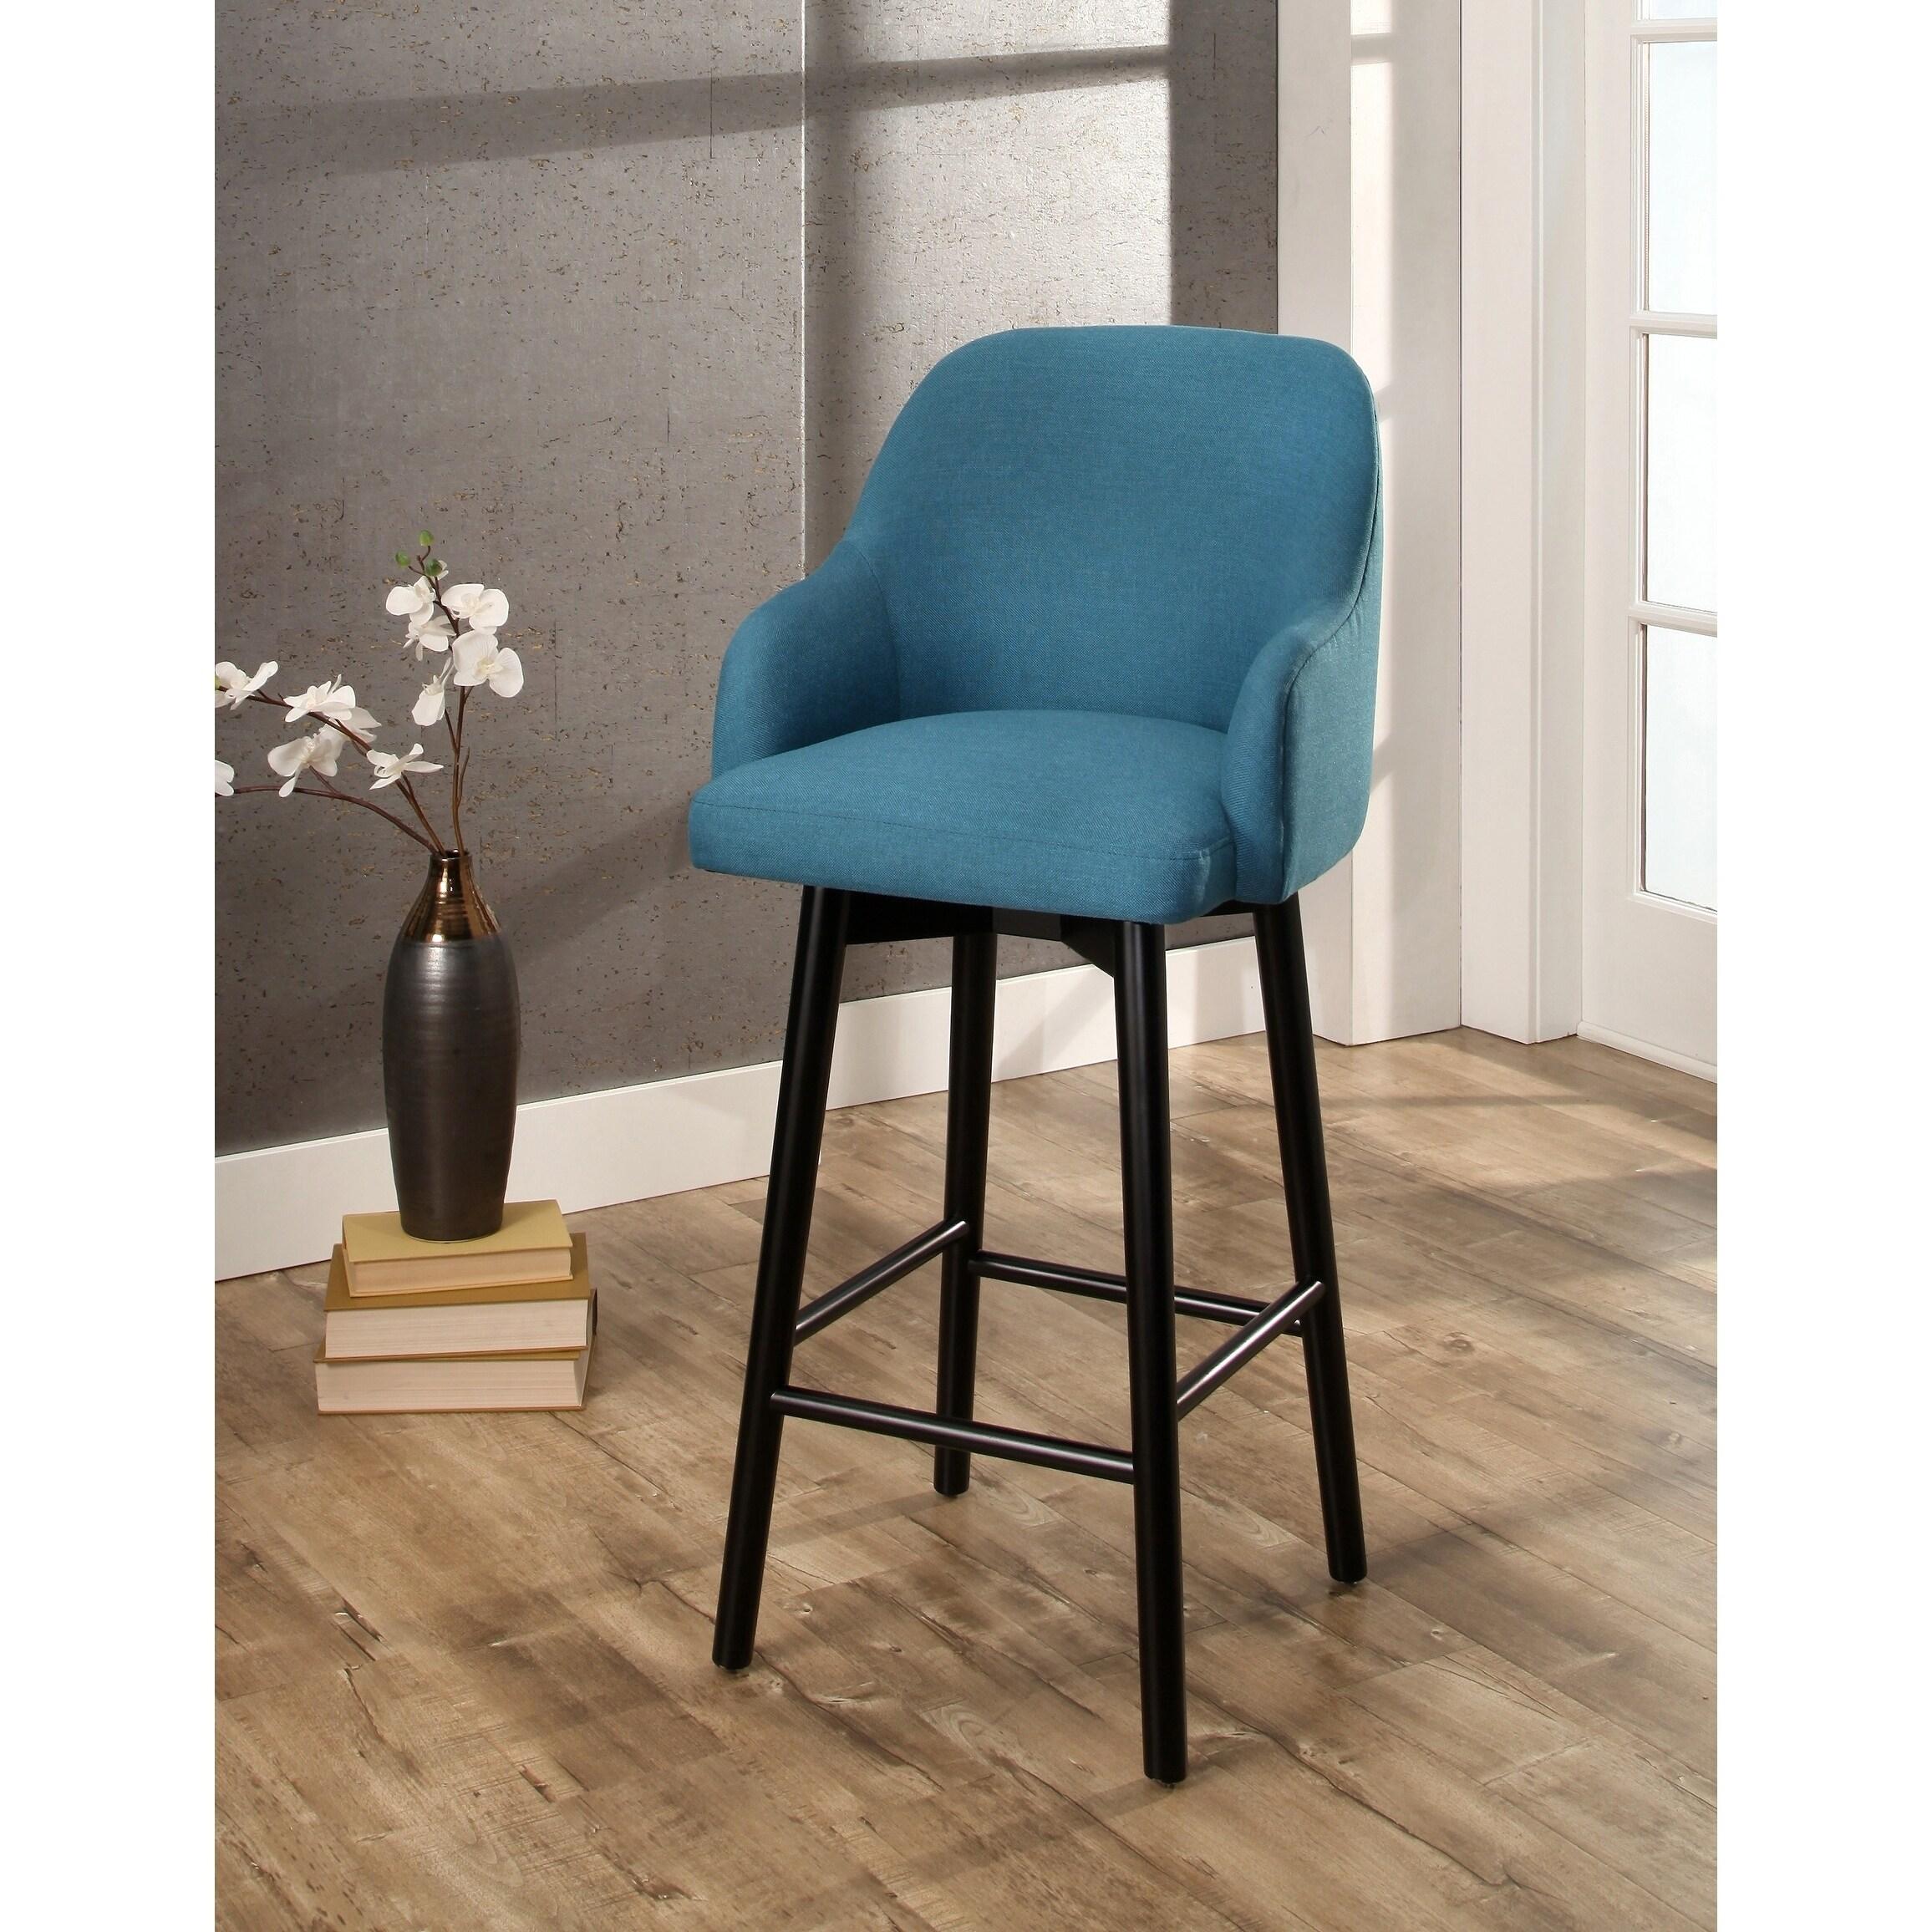 Abbyson abbott upholstered 32 inch bar stool